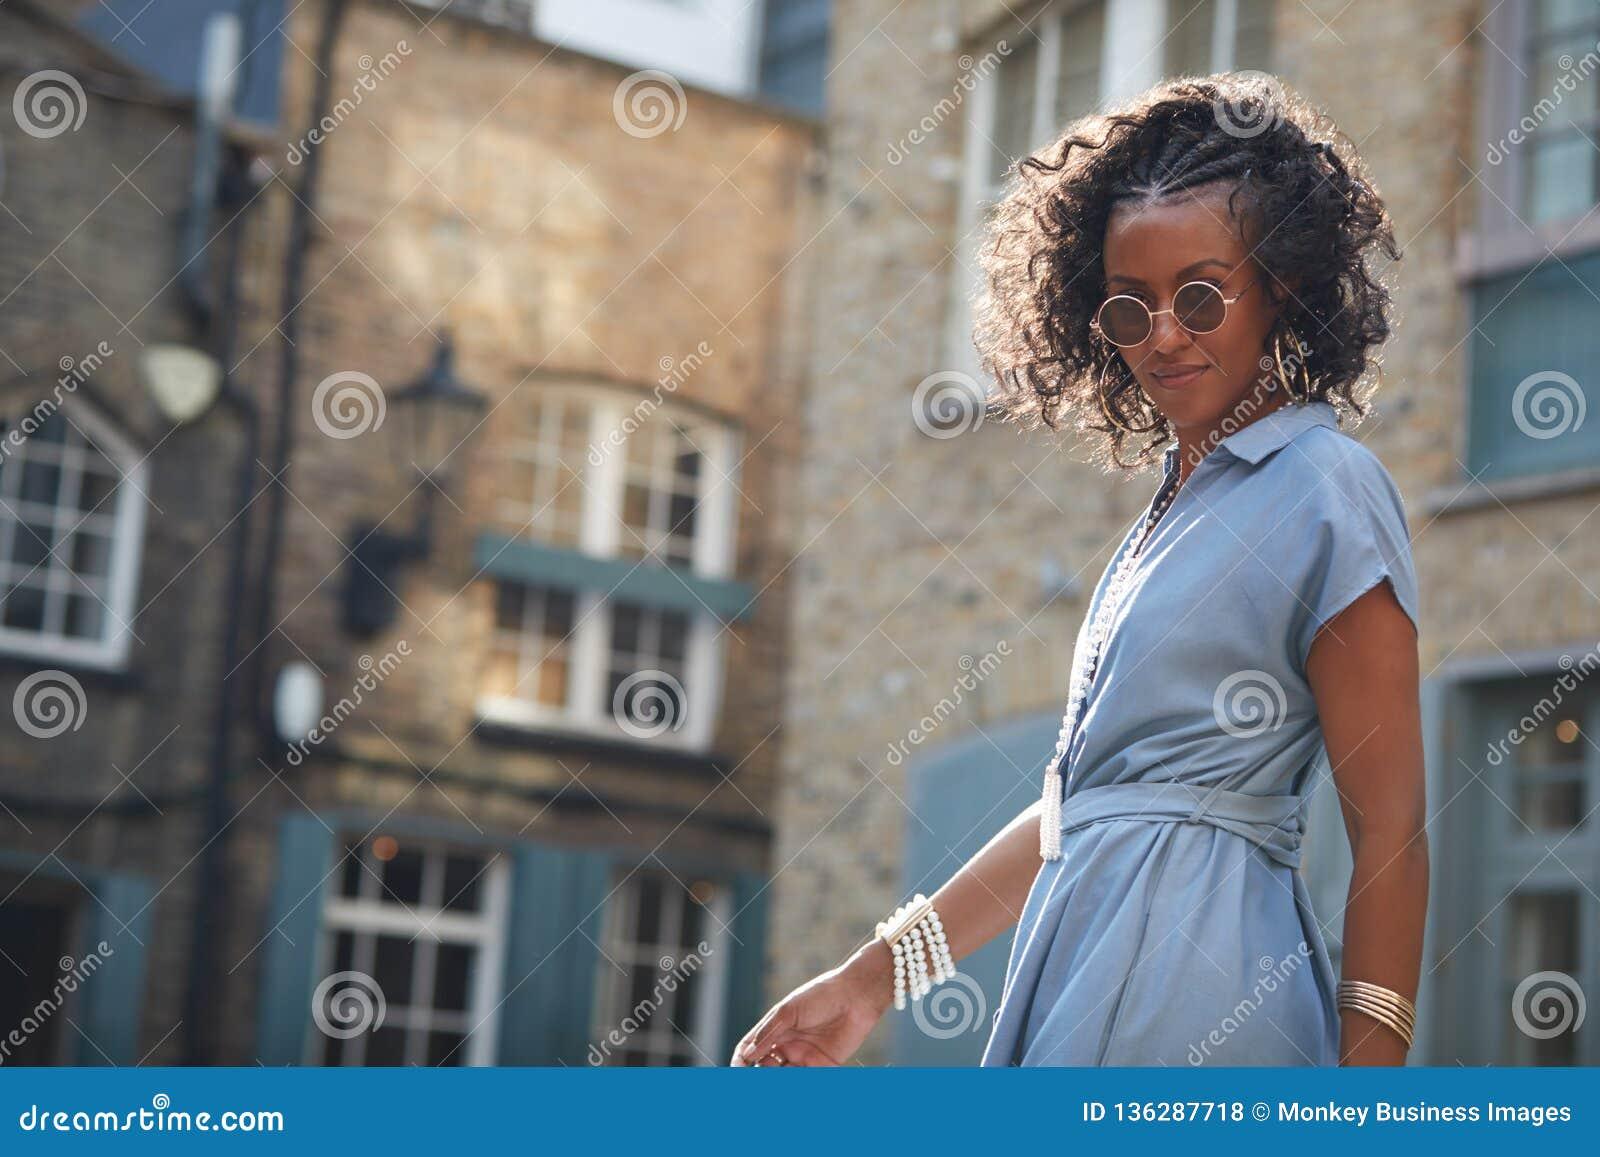 Καθιερώνουσα τη μόδα γυναίκα στο μπλε καλυμμένα φόρεμα και τα γυαλιά ηλίου μανικιών